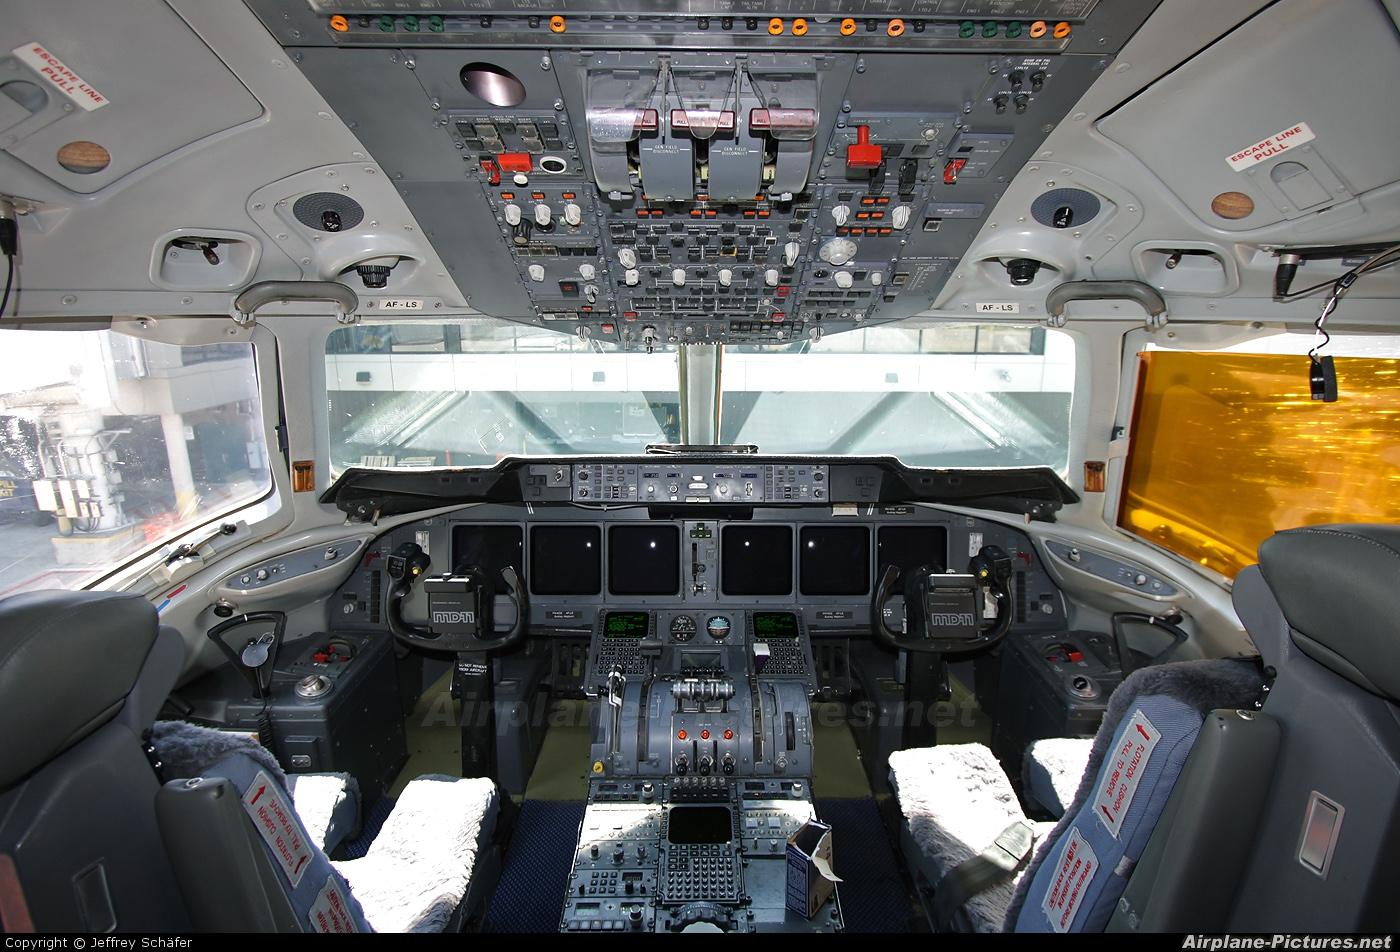 KLM PH-KCE aircraft at Calgary Intl, AB